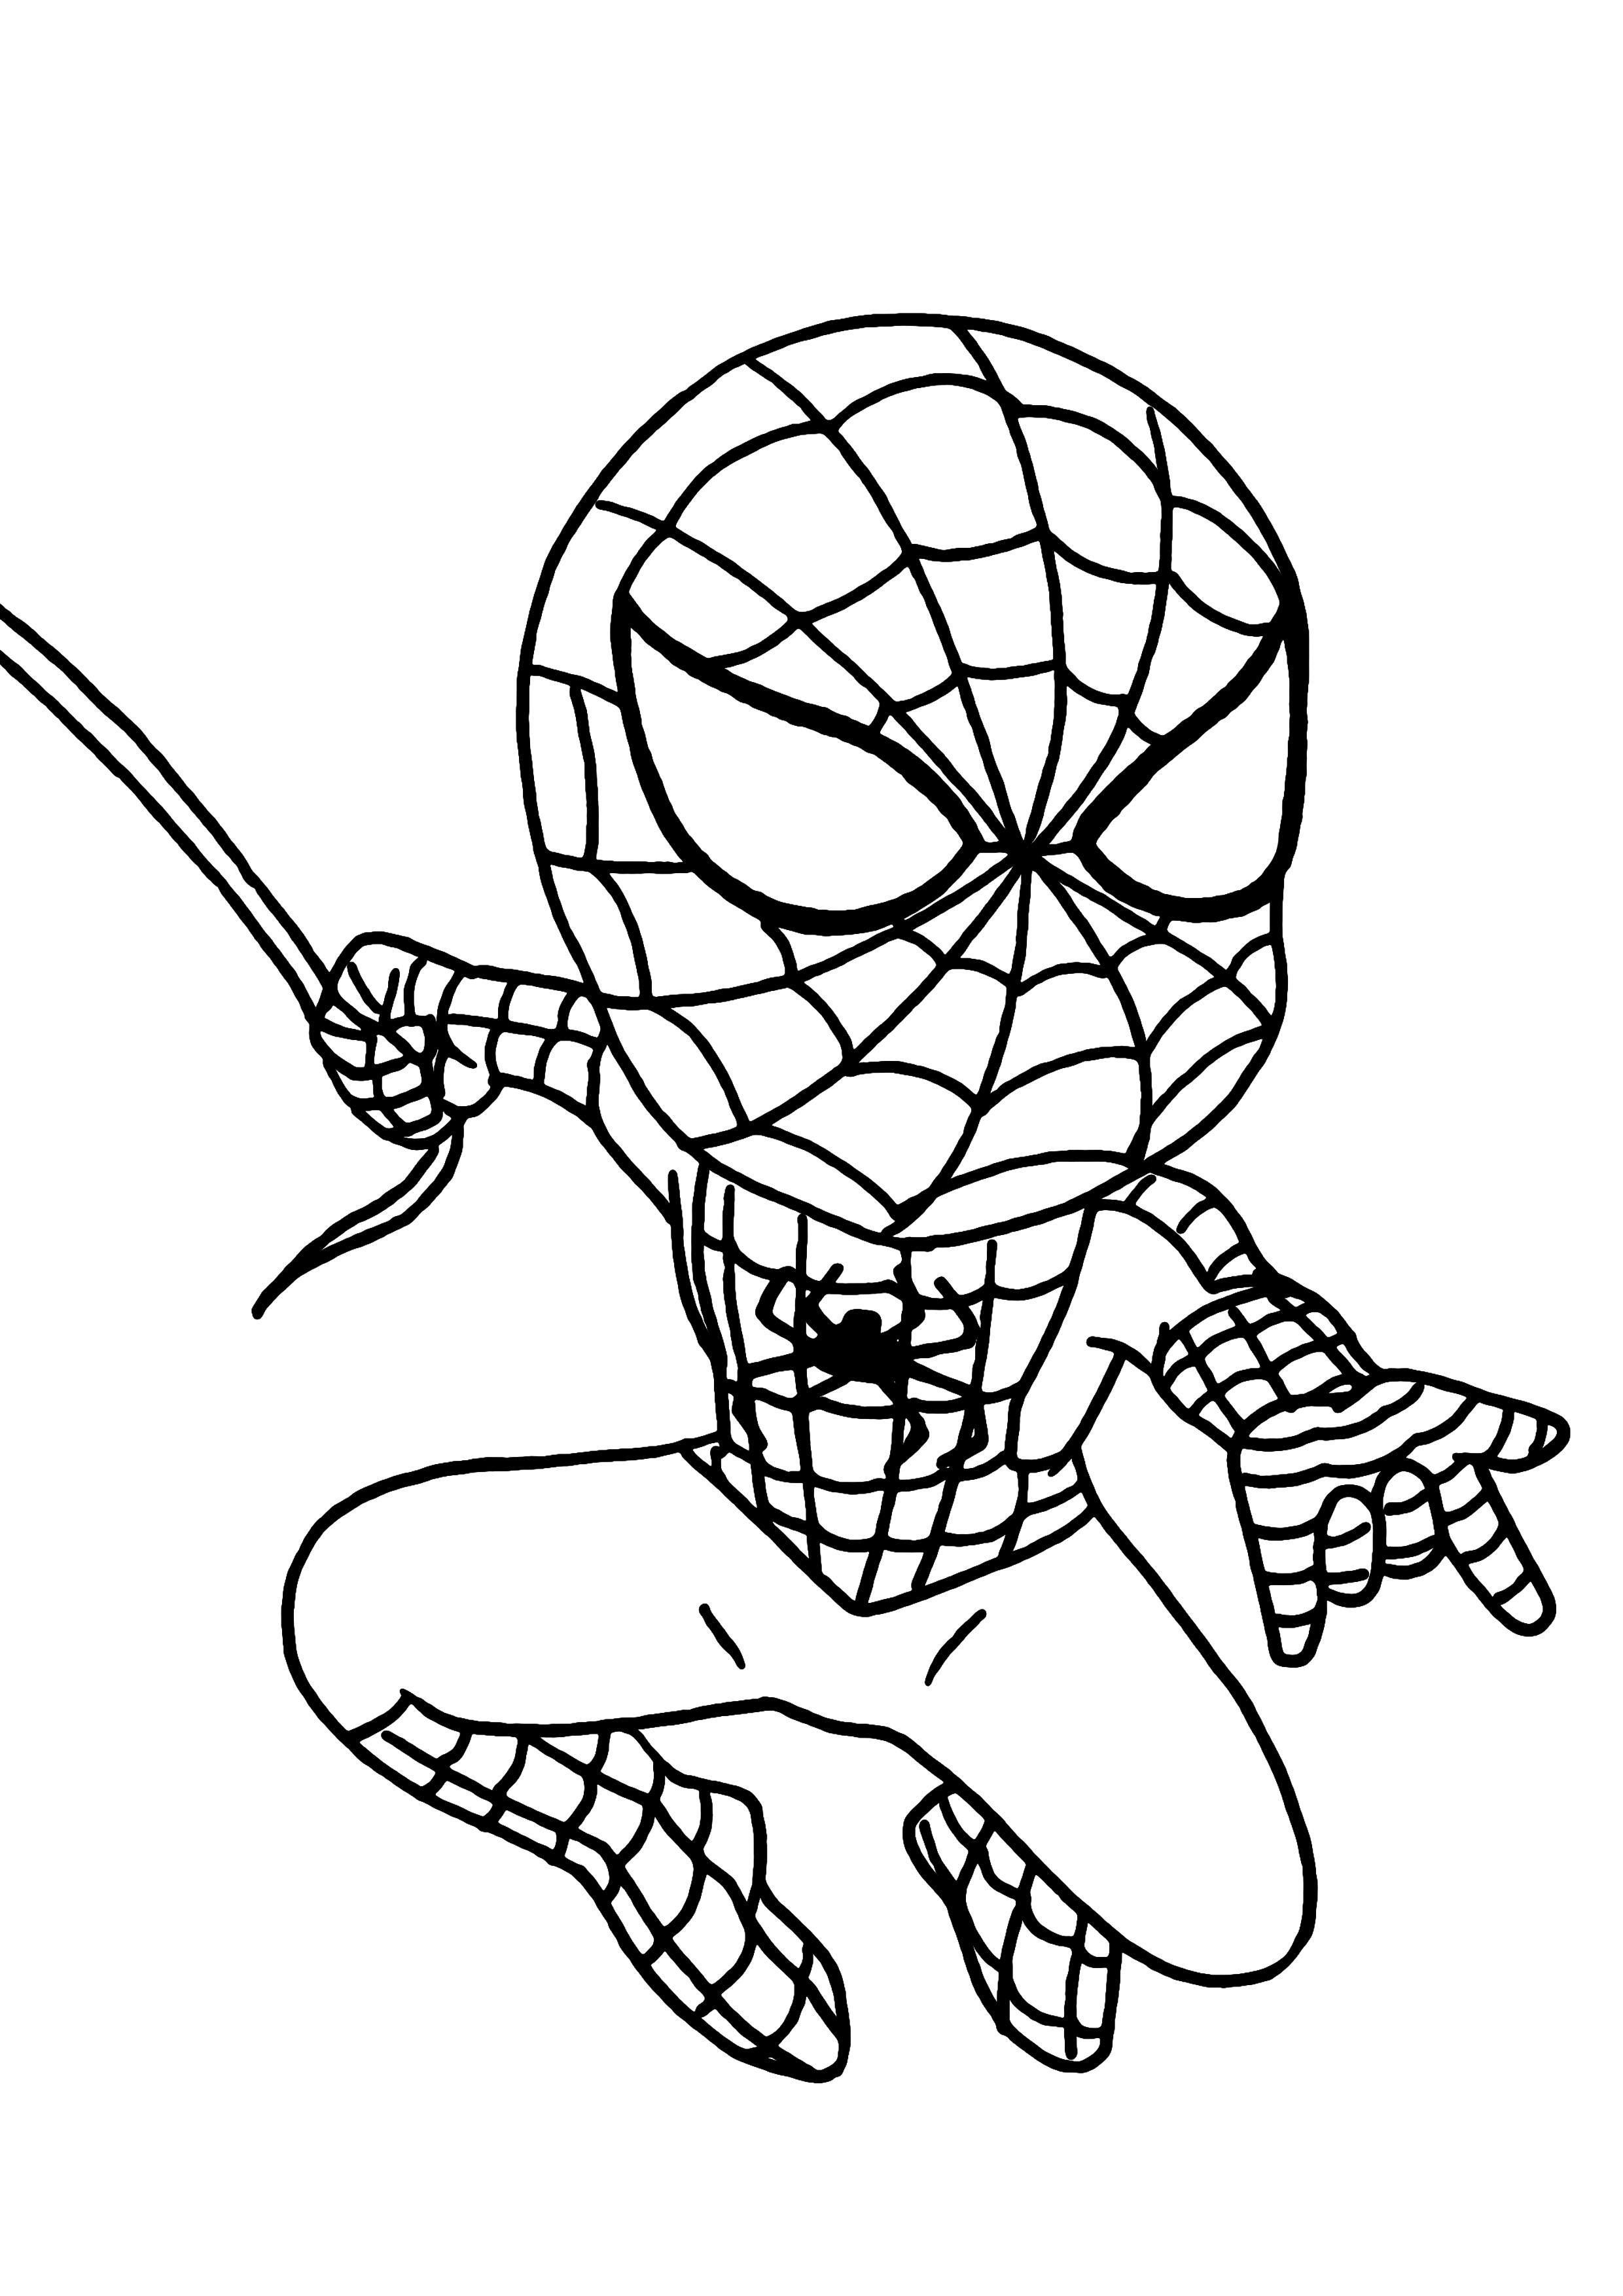 171 Dibujos De Superheroes Para Colorear Oh Kids Page 9